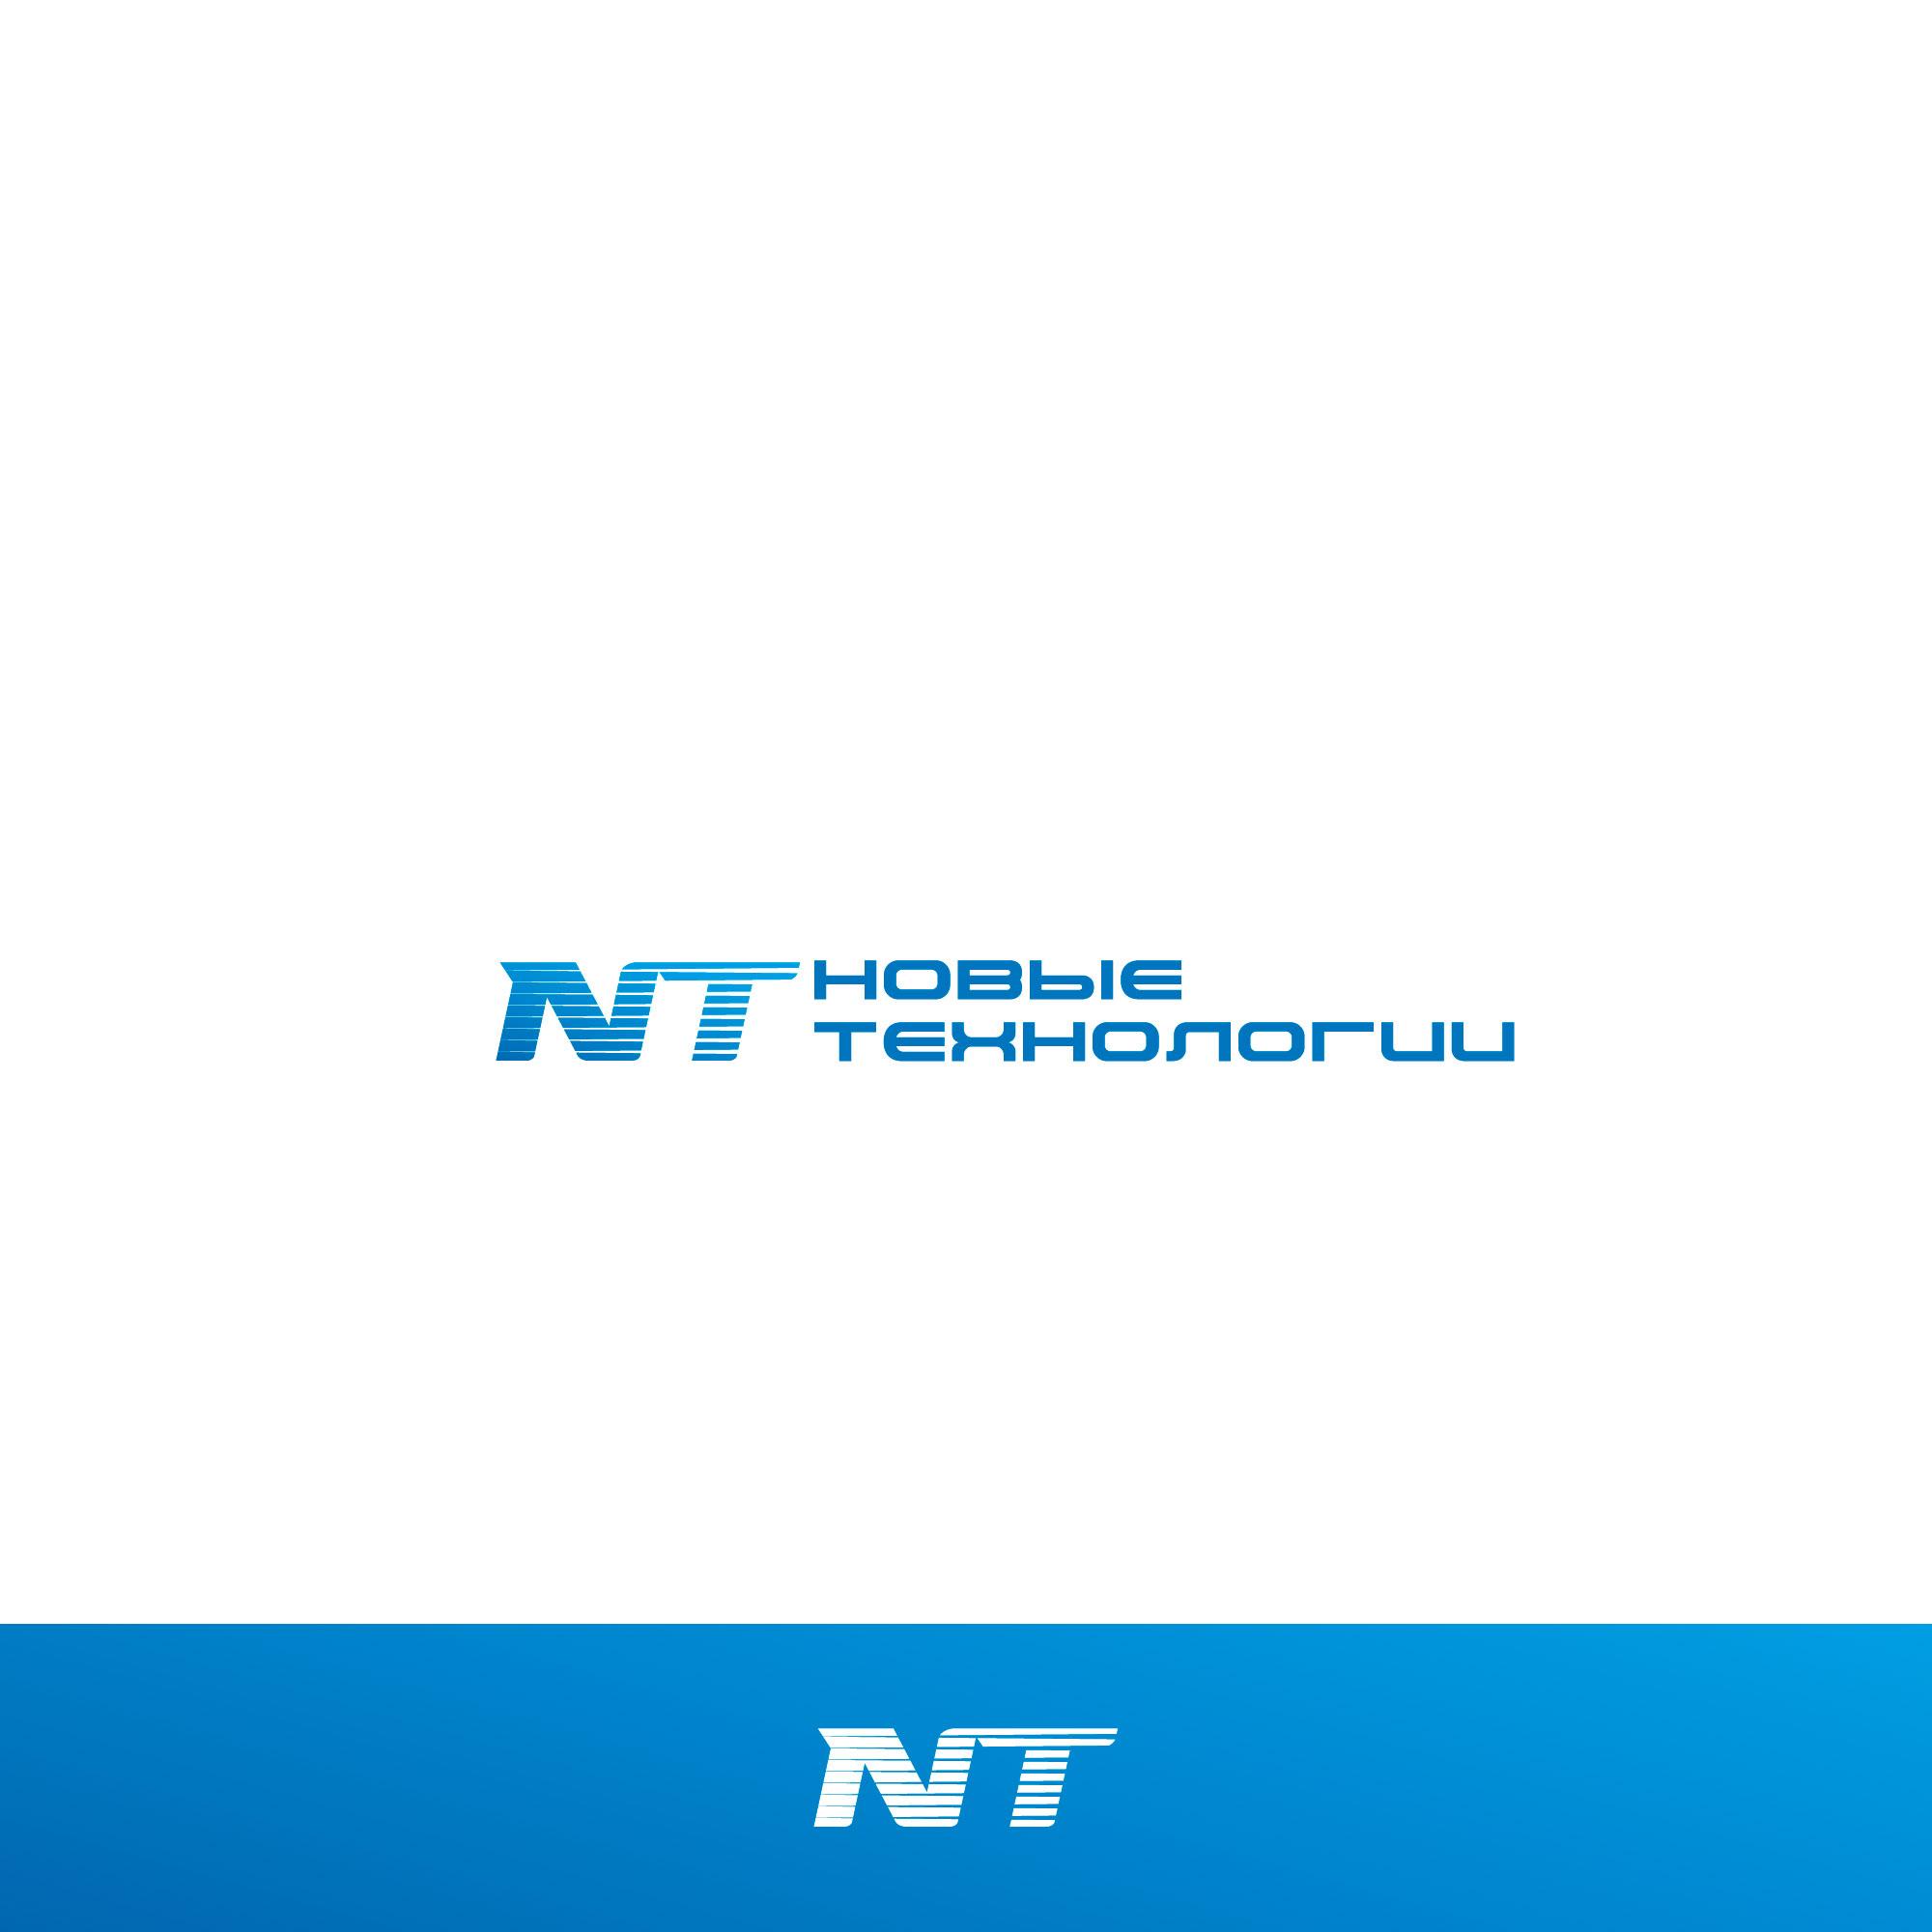 Разработка логотипа и фирменного стиля фото f_0625e6f799605847.jpg